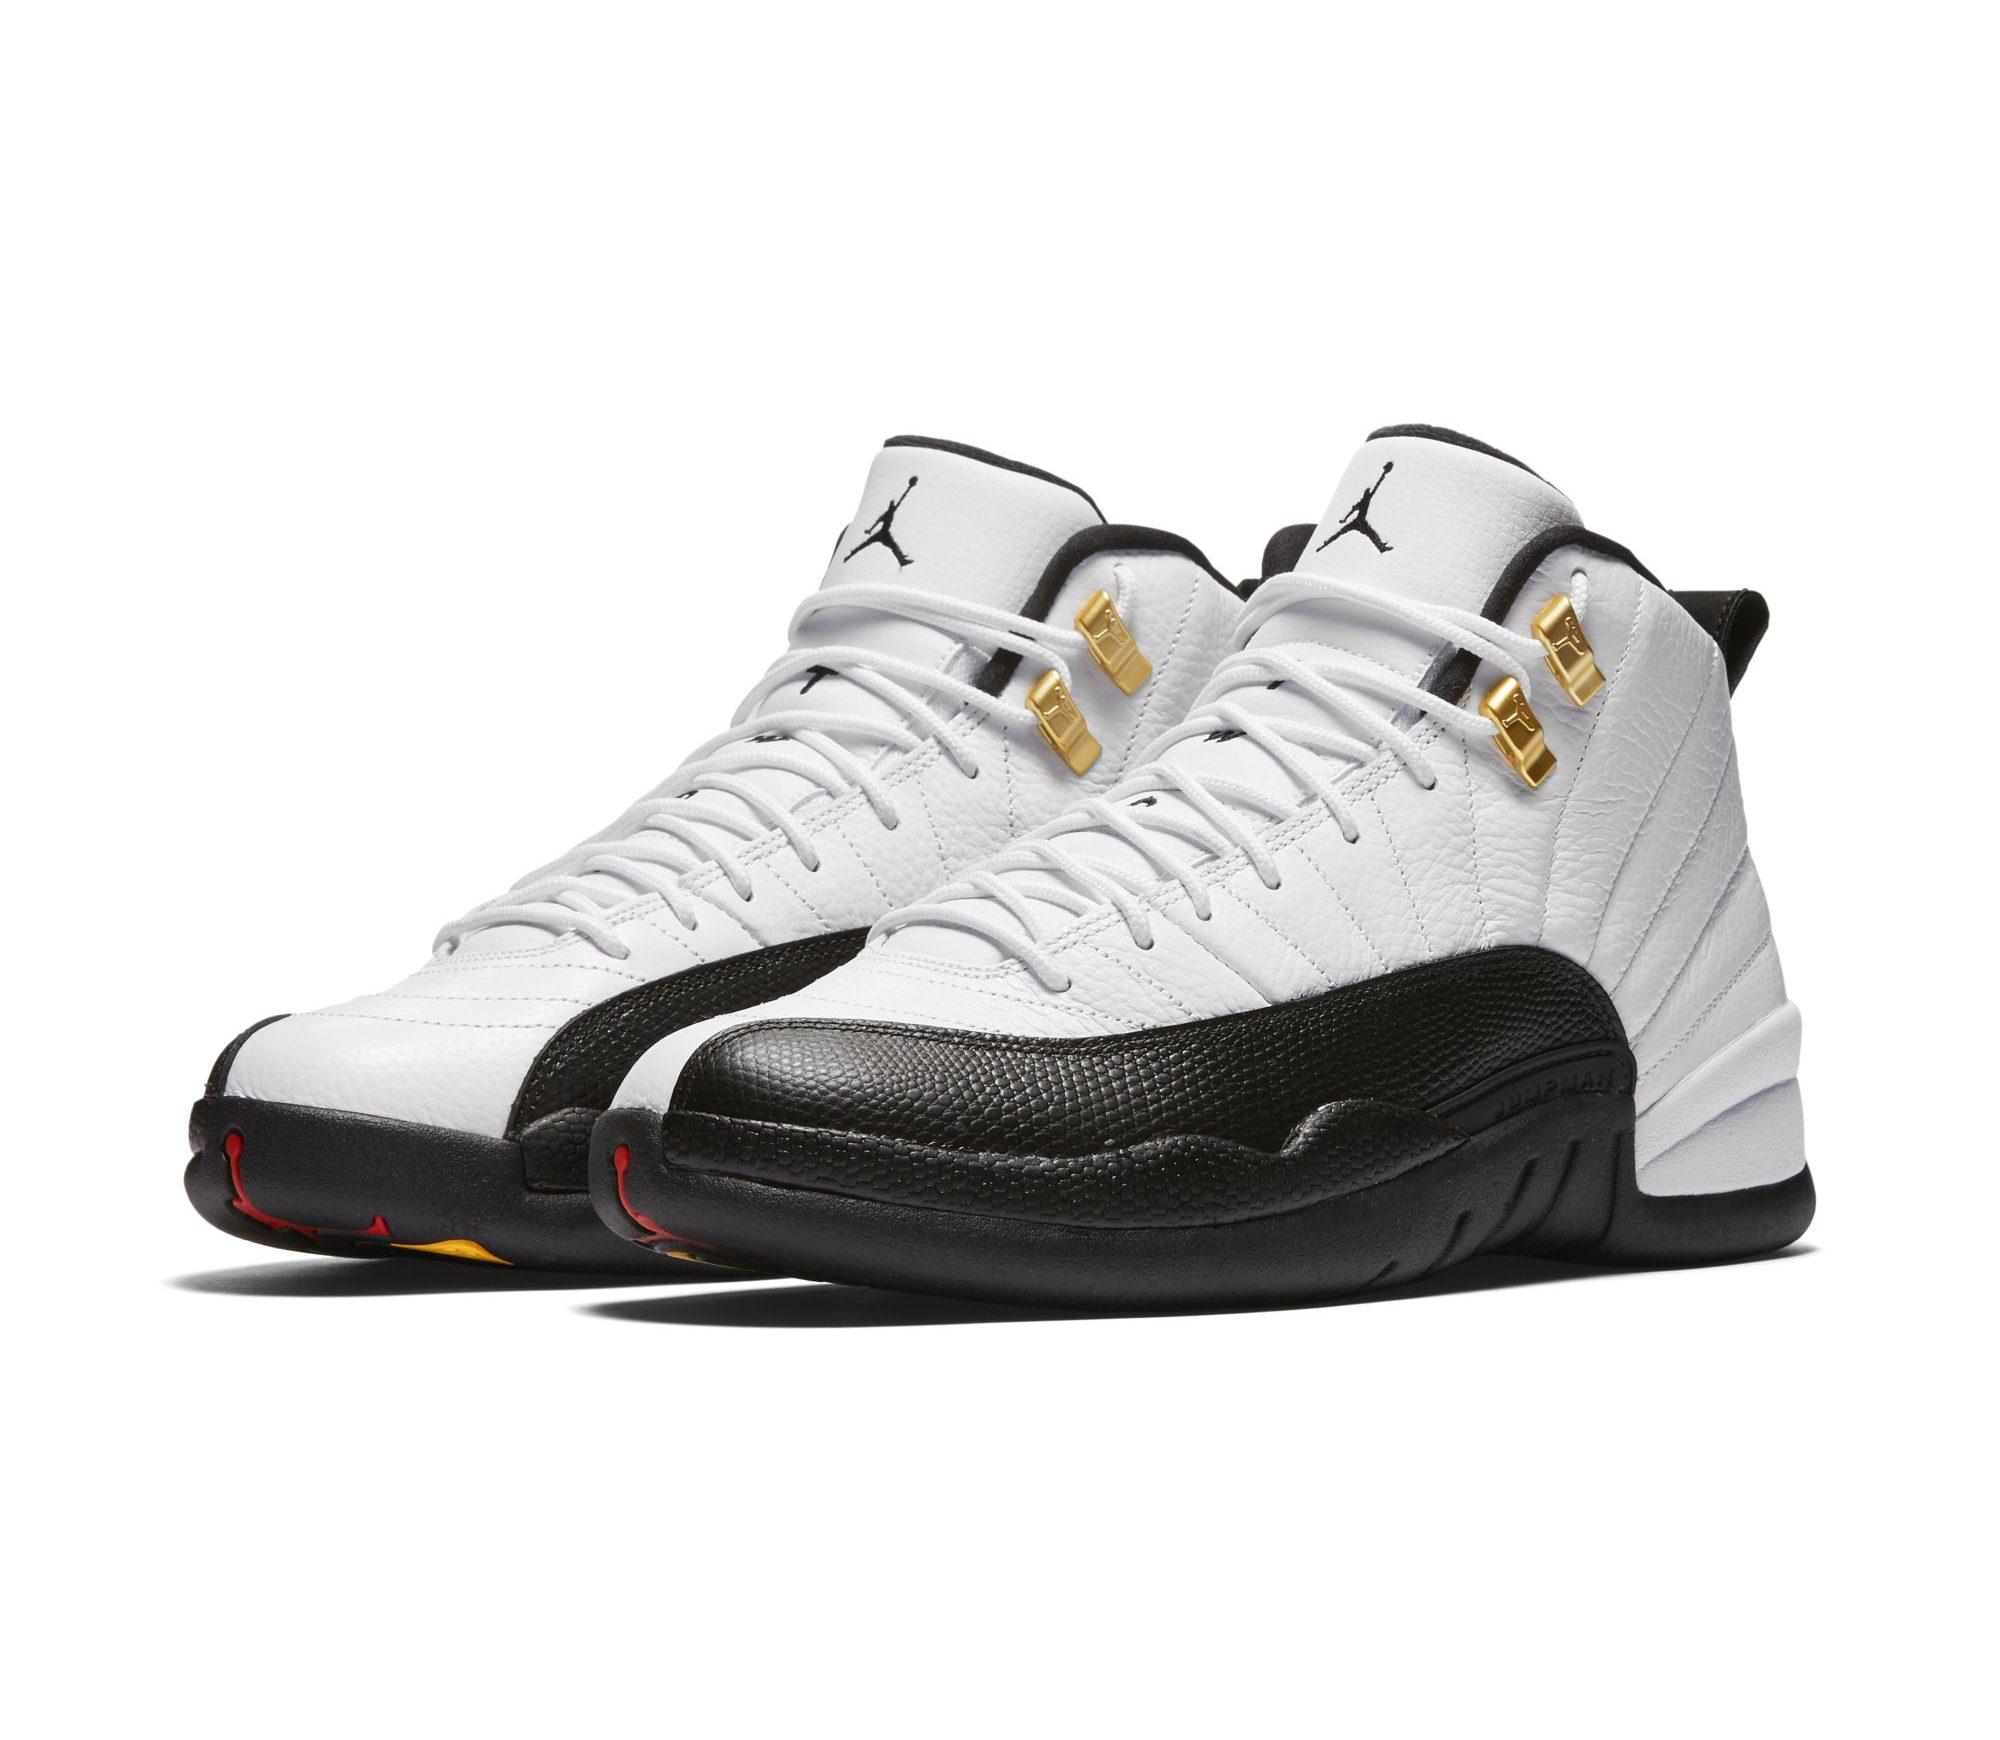 Air Jordan 12 Reviews - WearTesters